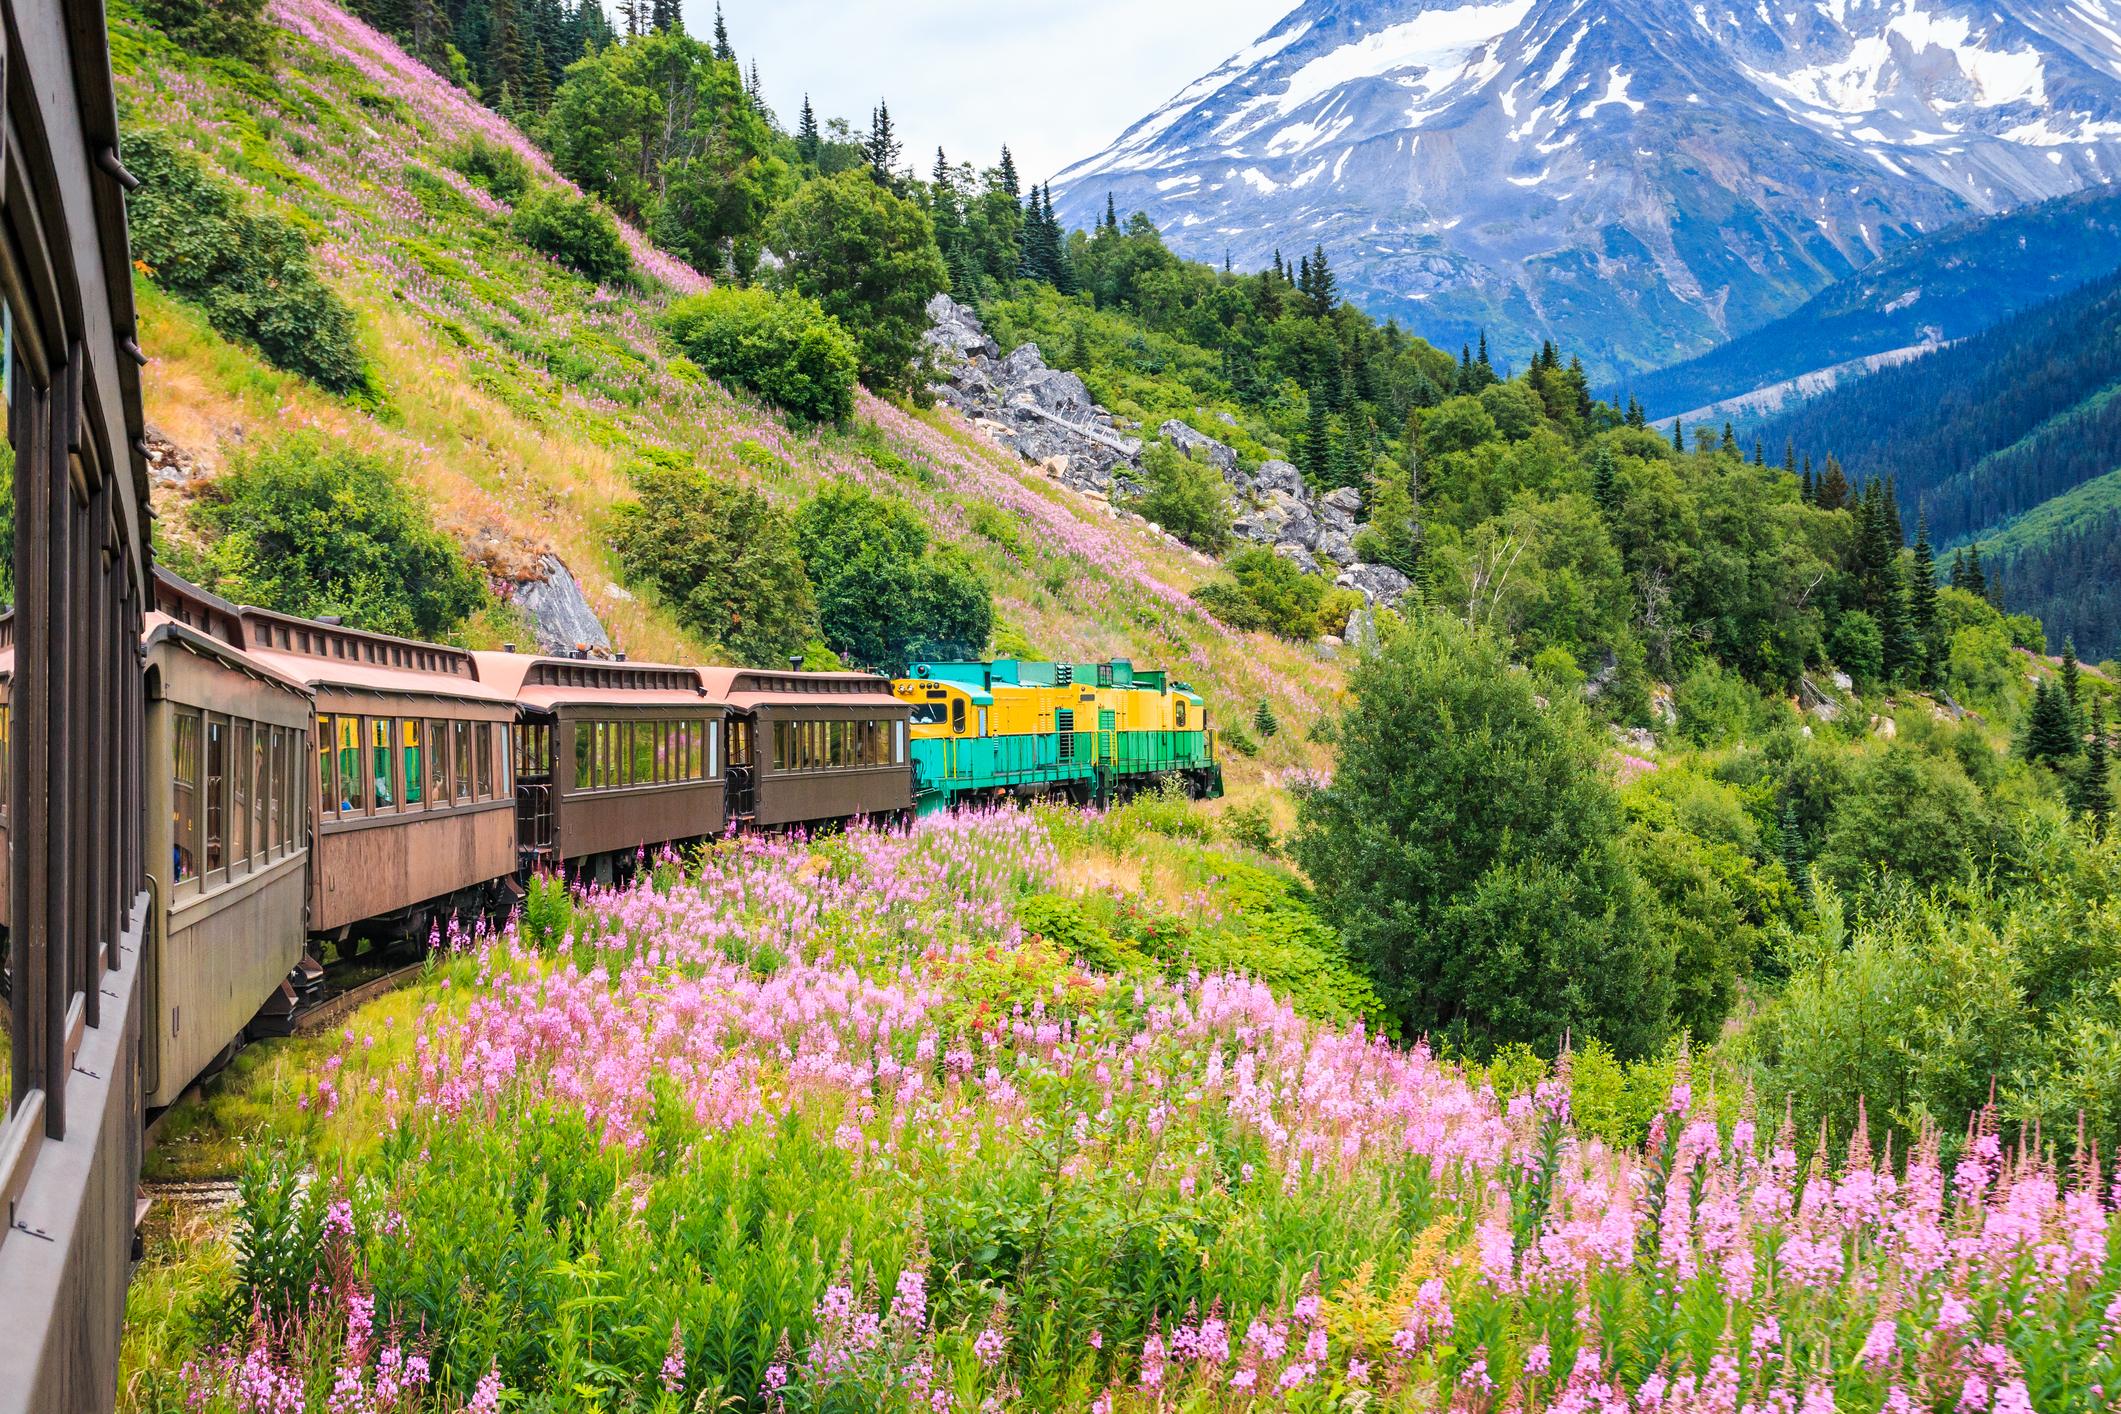 Skagway-Alaska-railway.jpg?mtime=20190326145043#asset:105308